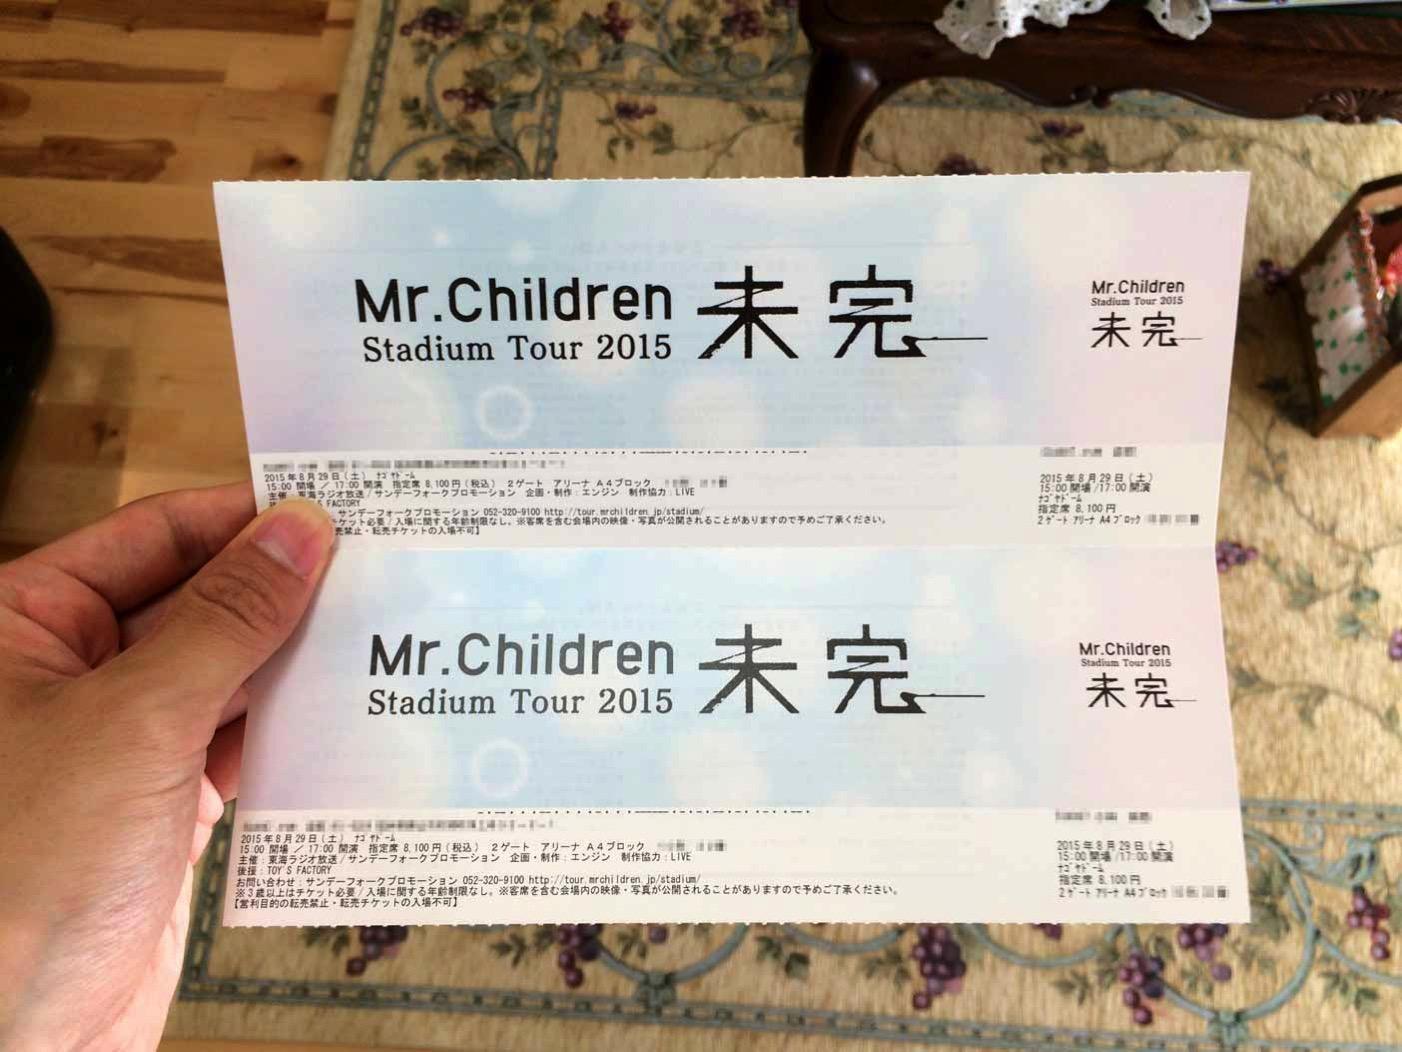 Mr.Children Stadium Tour 2015 未完のチケット